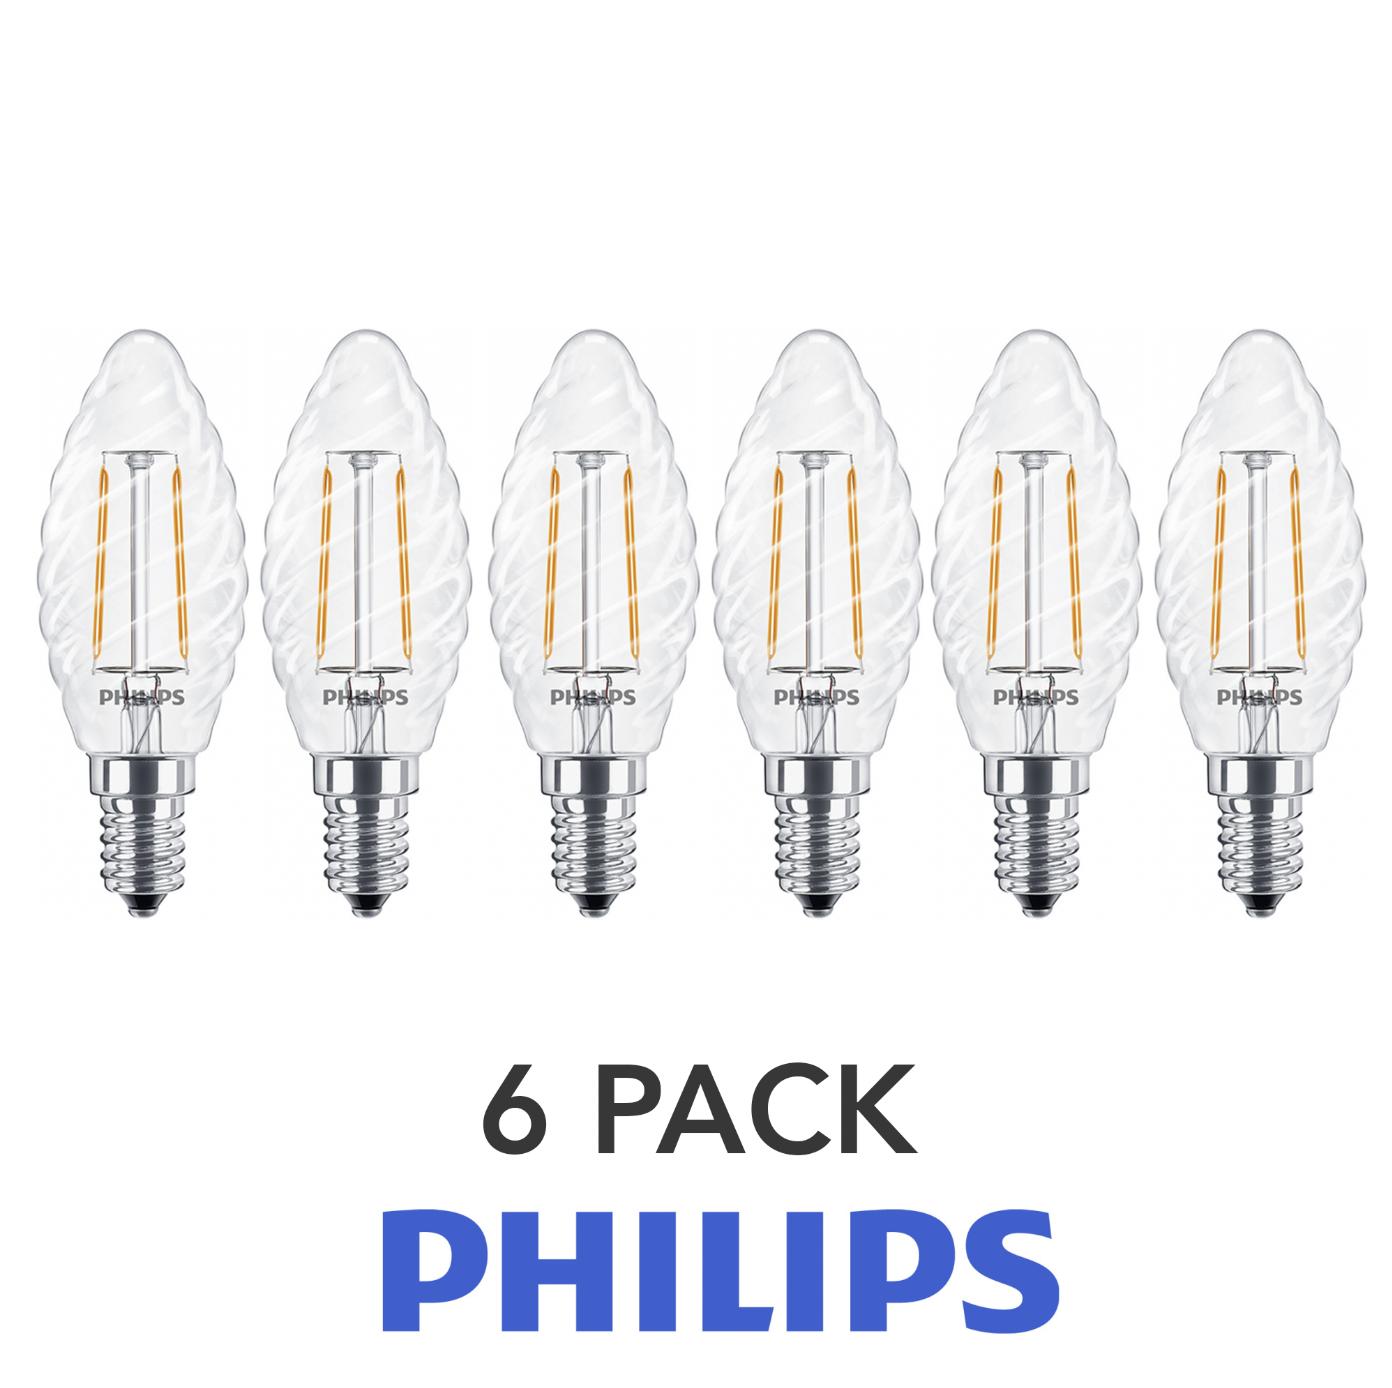 Deckenlicht für offene Galerie Schlafzimmer Wohnzimmer Edle Charisma LED Lampen